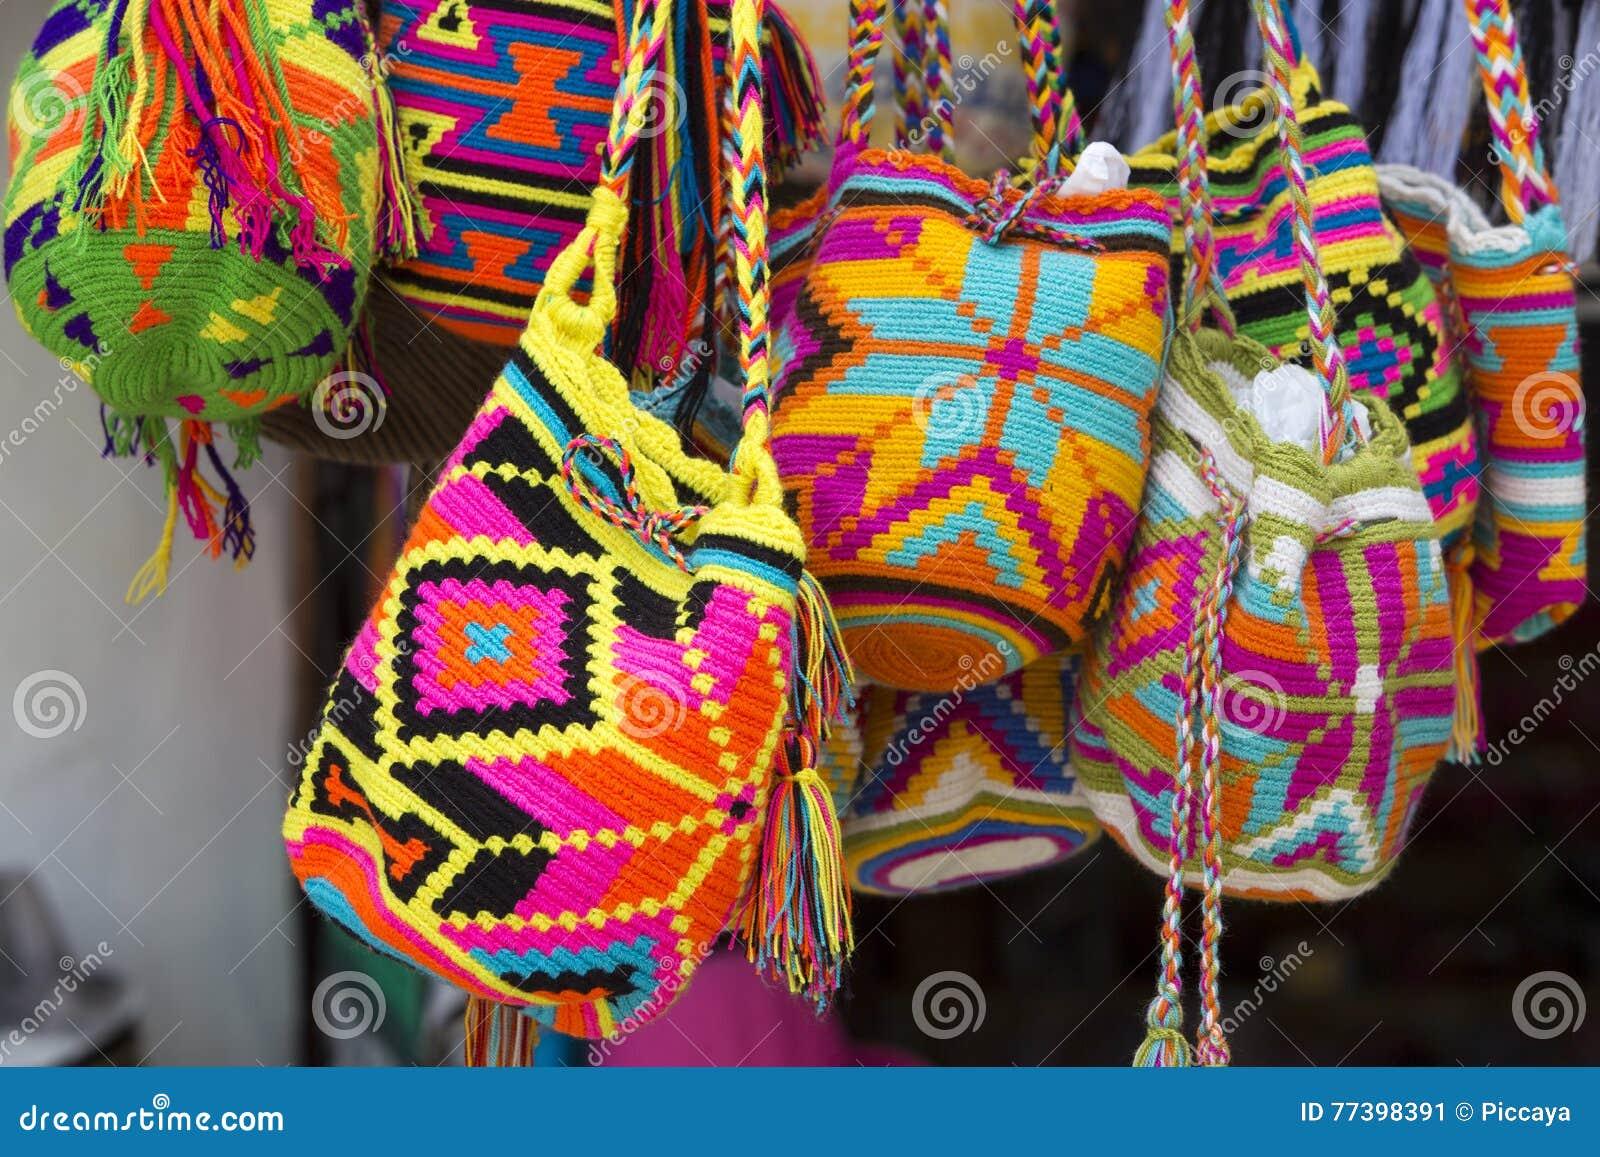 Handcrafted Cubo Hecho De Complementos Lana Bolsos Ganchillos Wayuu A Los Artículos Mujeres Estilo Mochilas Las Del Diversos 6CBPnS